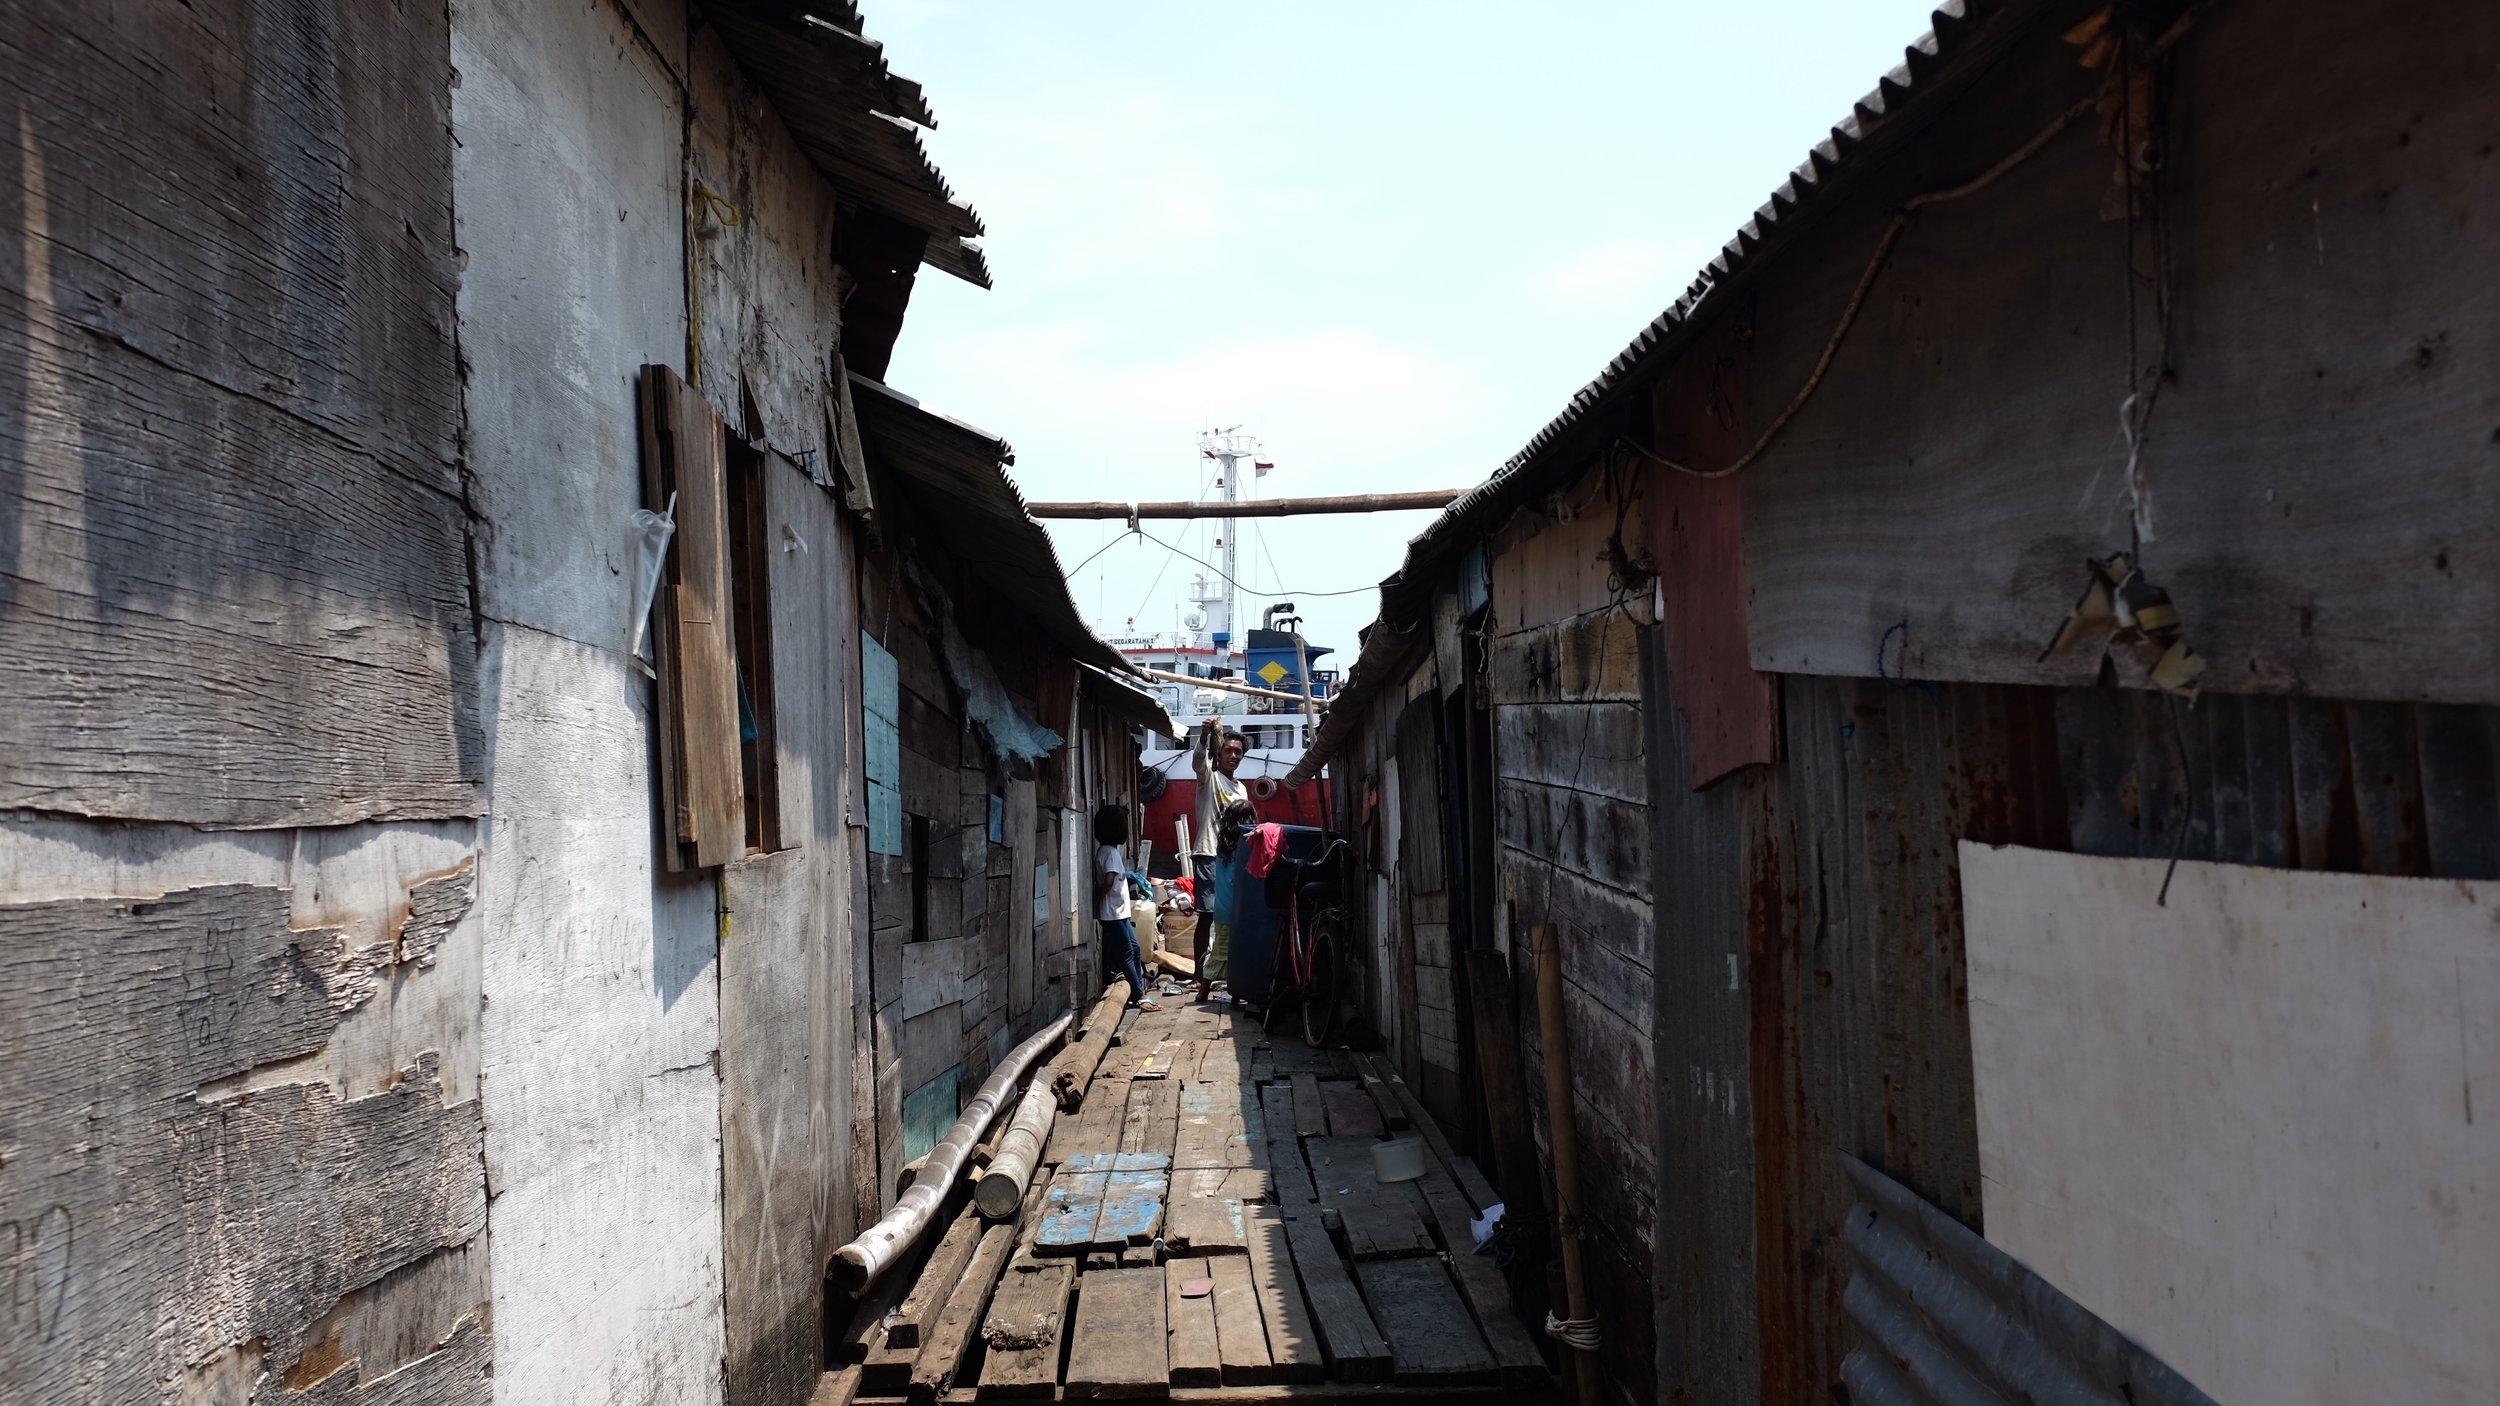 Is slum tourism ethical? — English Language Inbox